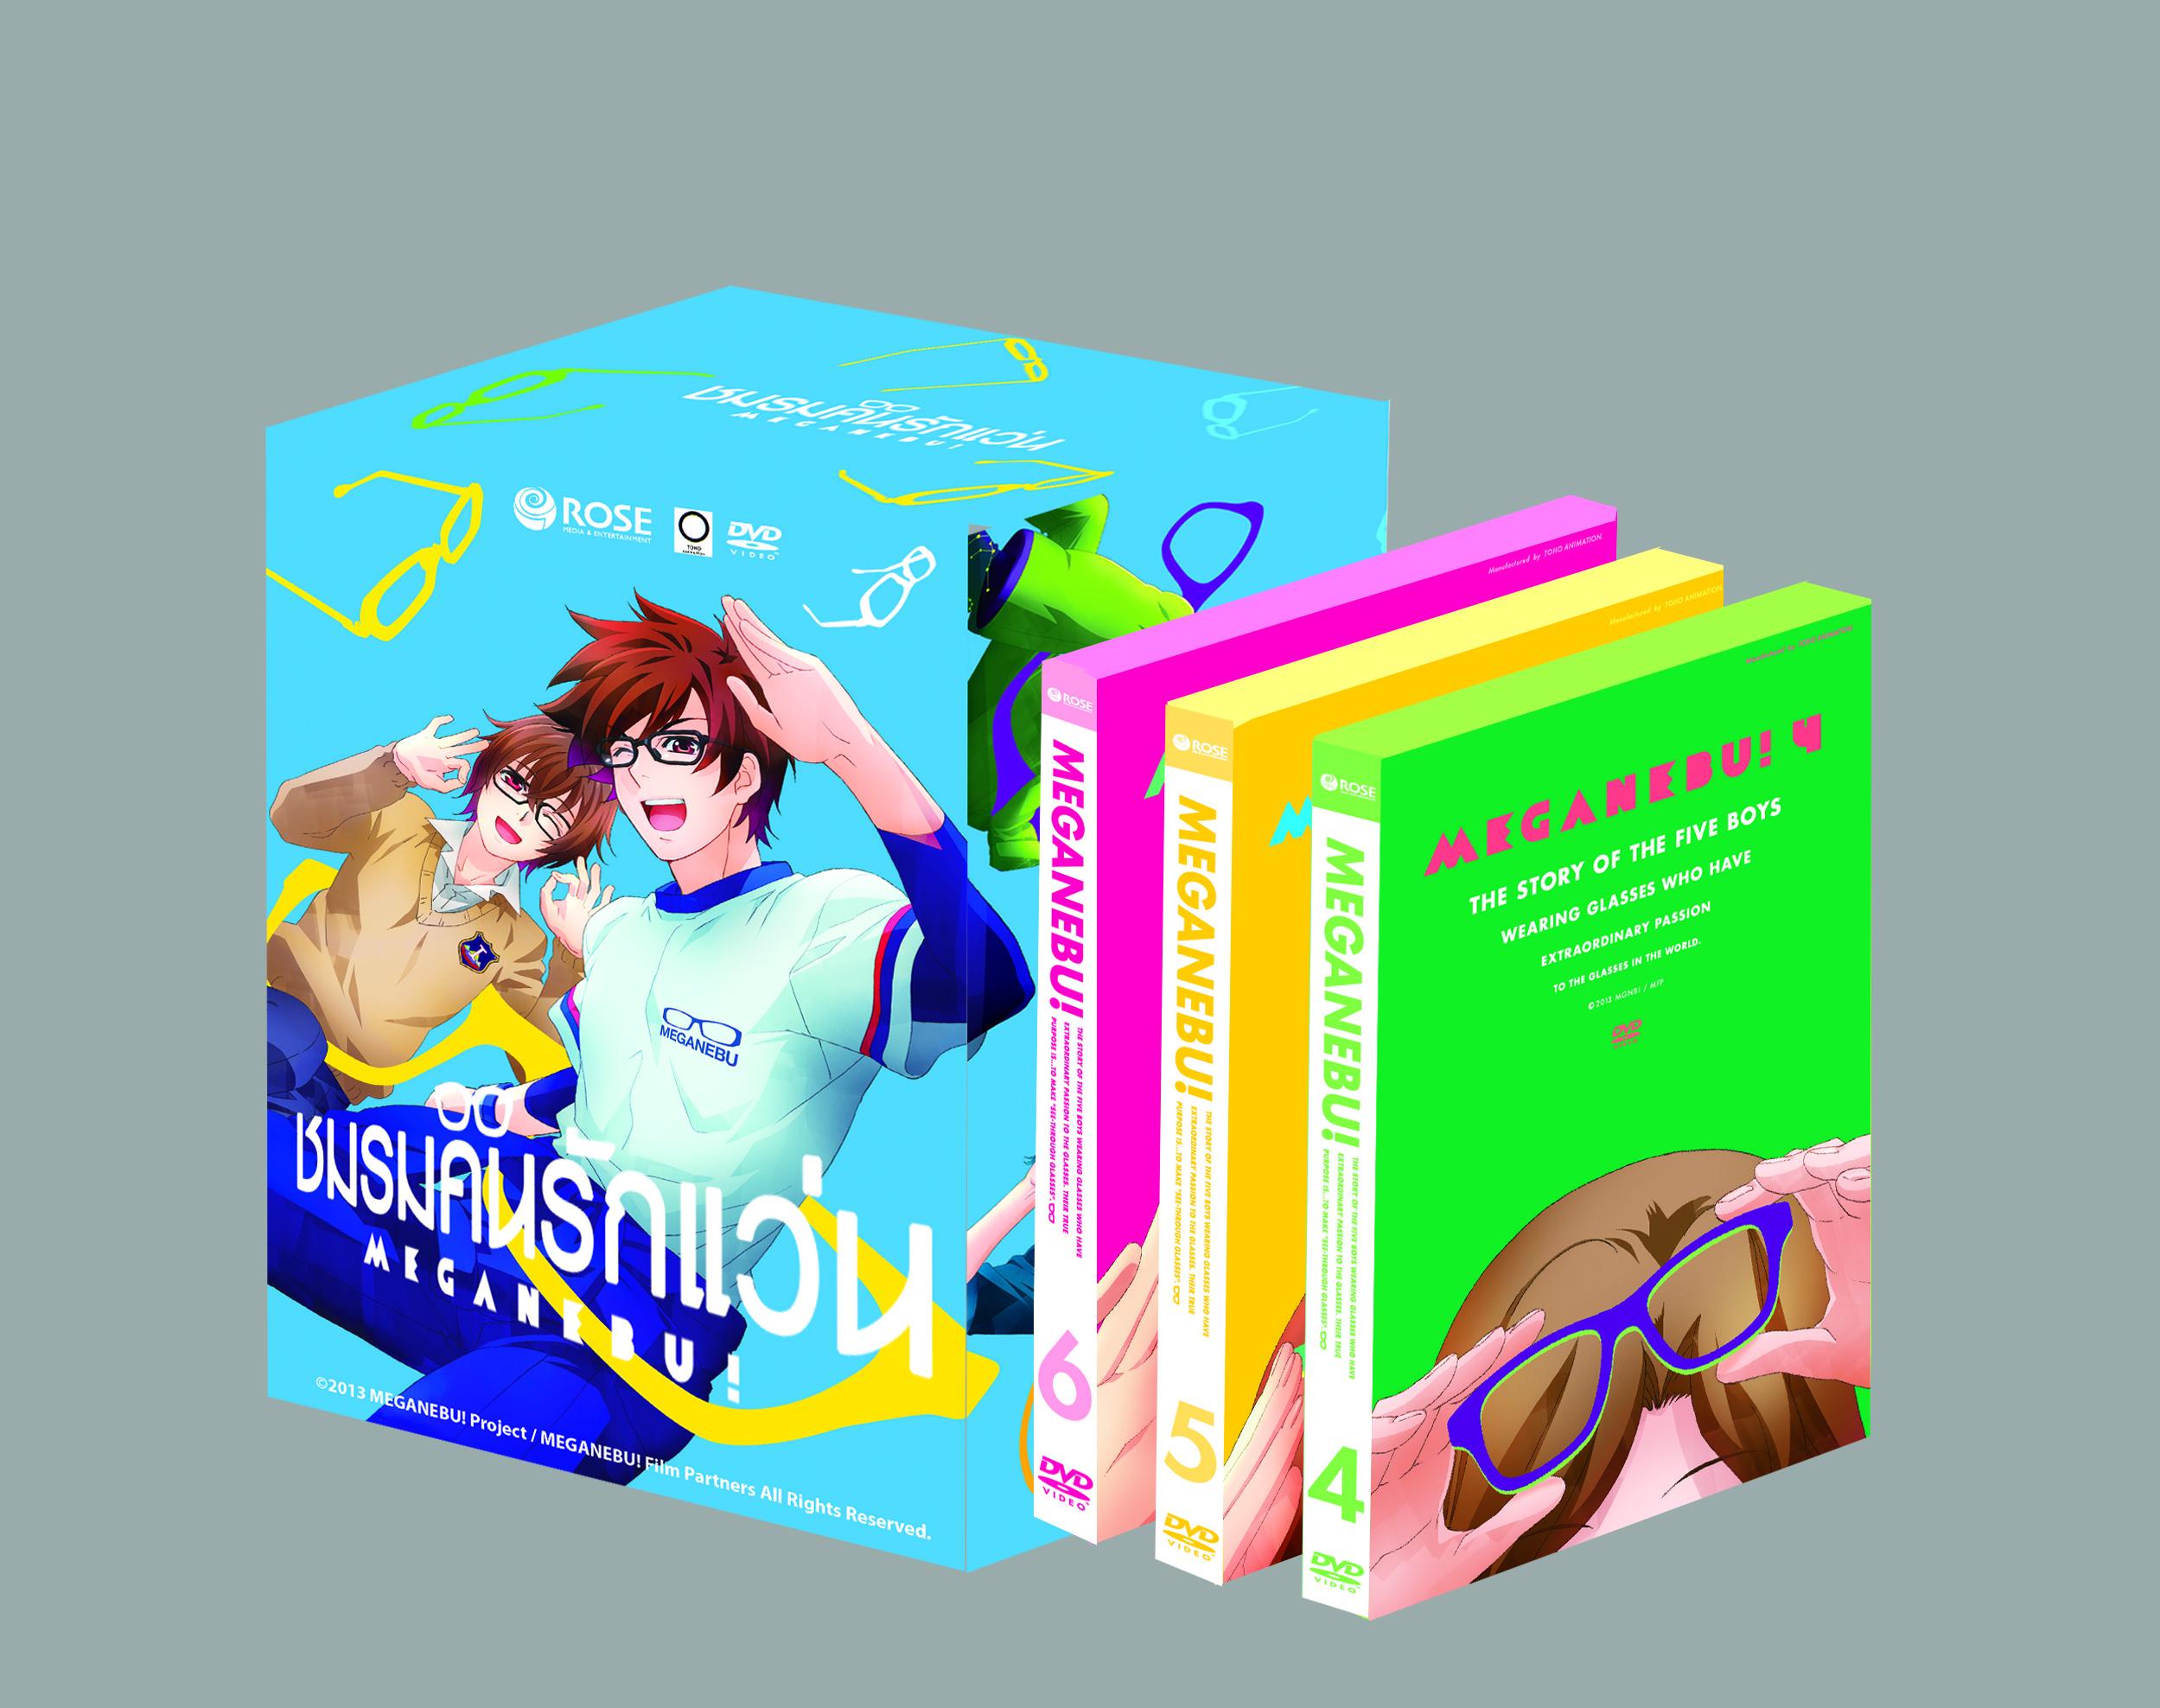 ชมรมคนรักแว่น ชุด 2/Meganebu Set 2